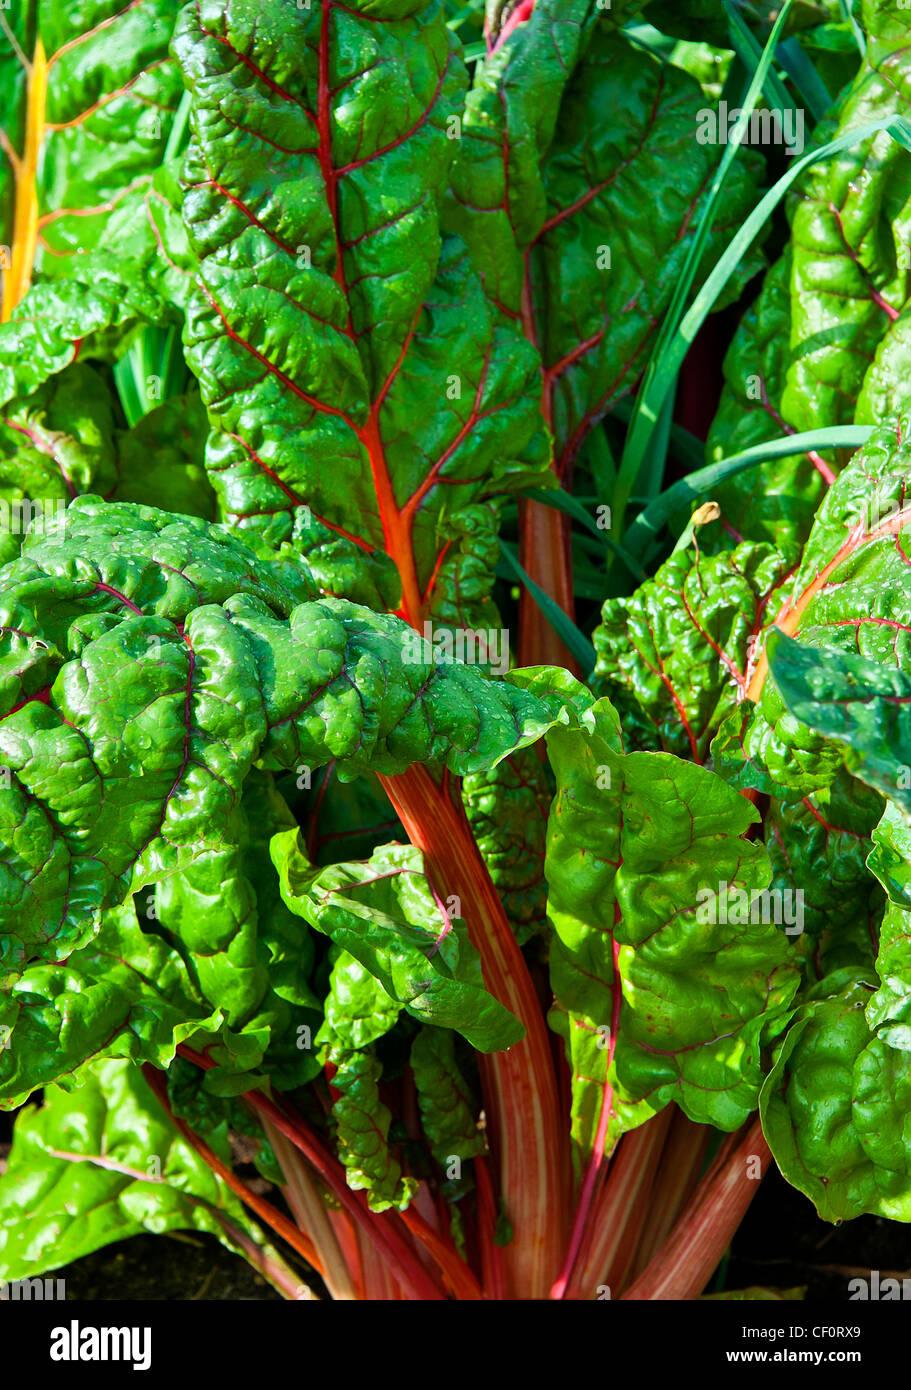 De plus en plus de rhubarbe dans un potager. Photo Stock